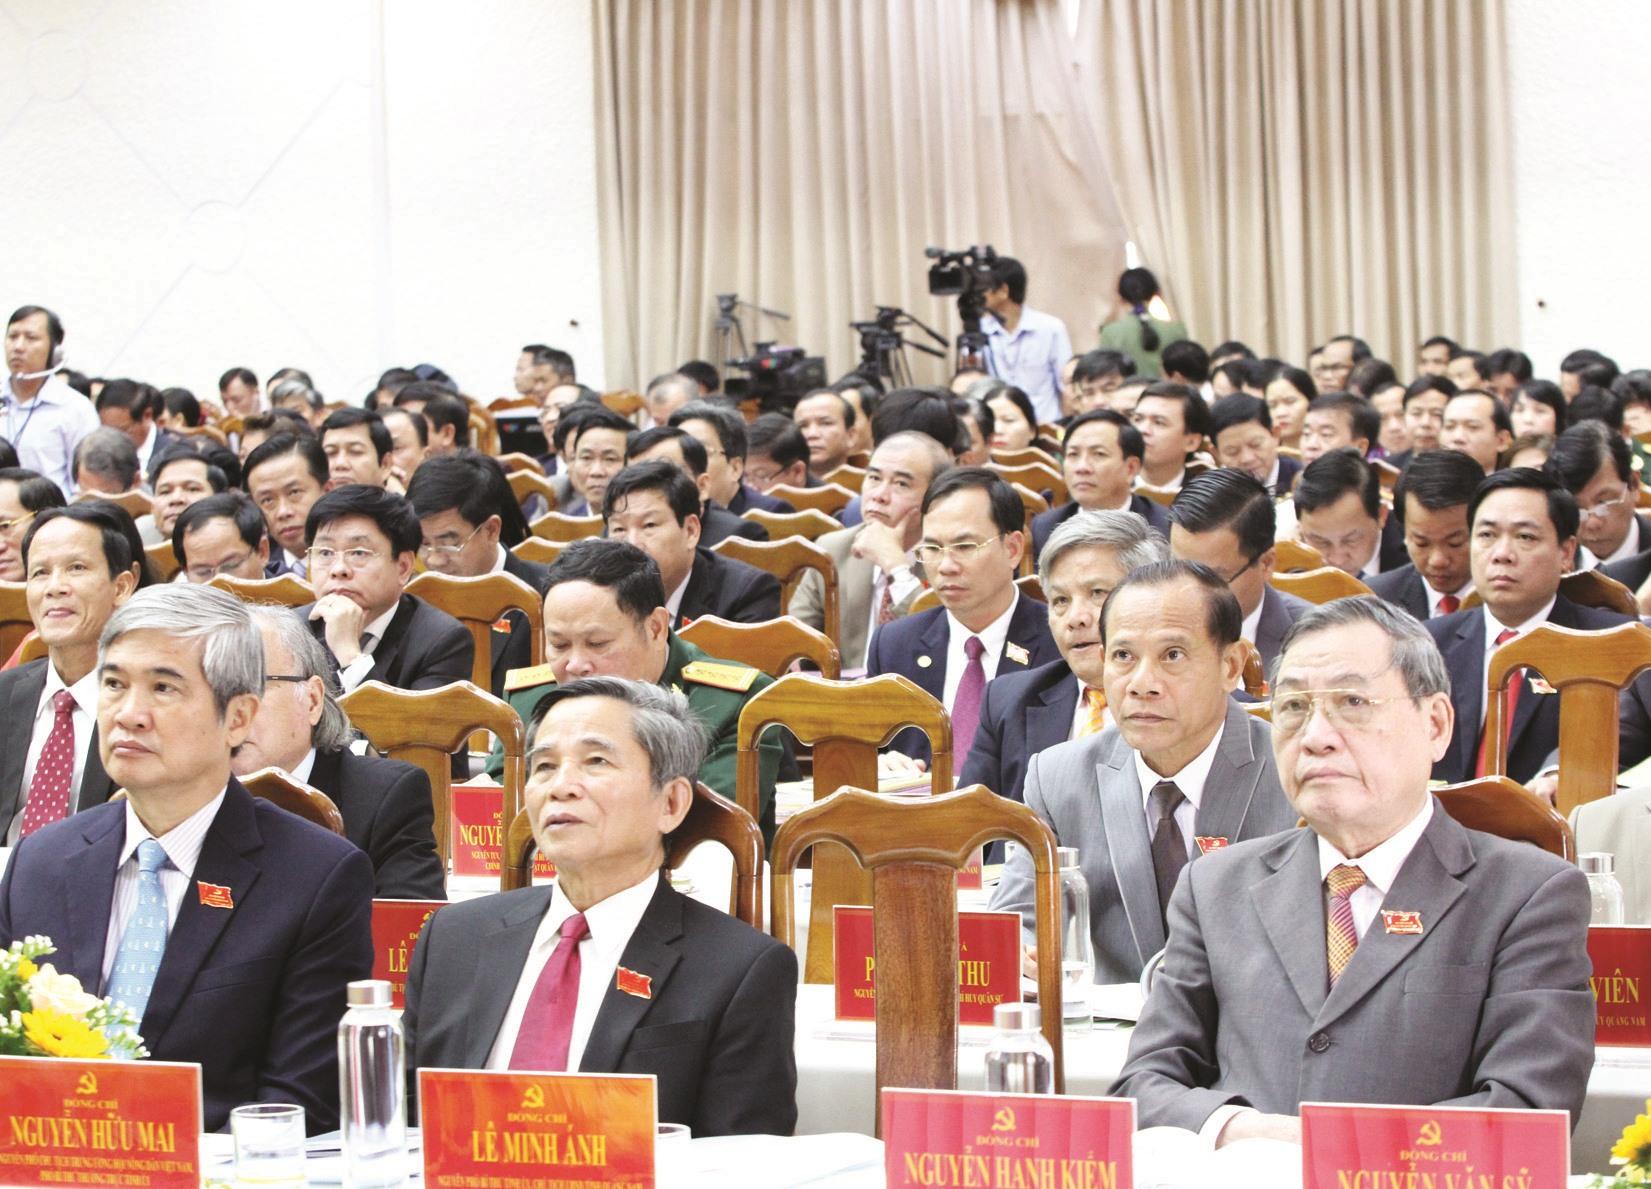 Các đại biểu tham dự Đại hội. Ảnh: C.Đ.N